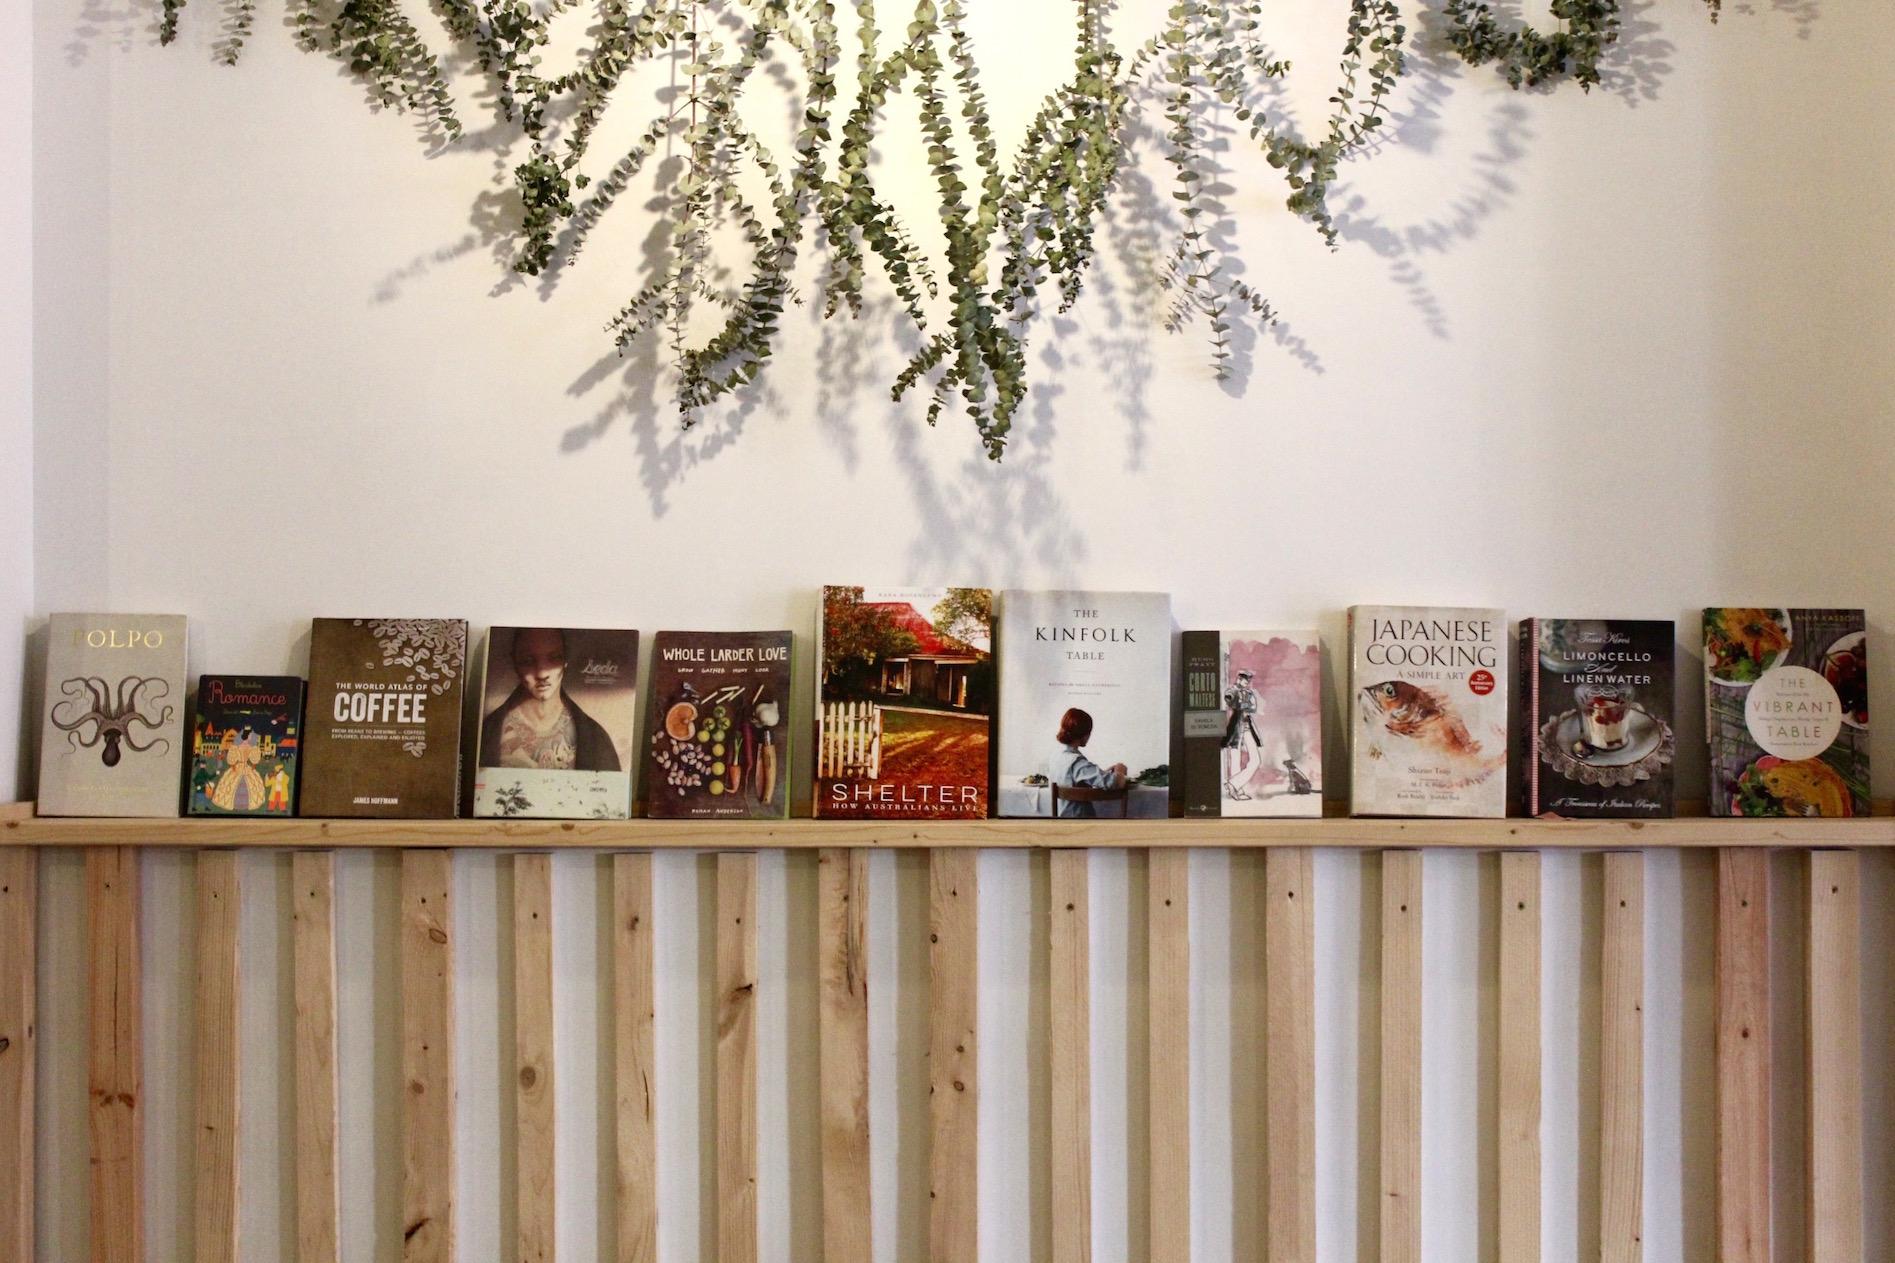 Books of inspiration at Espai Egg